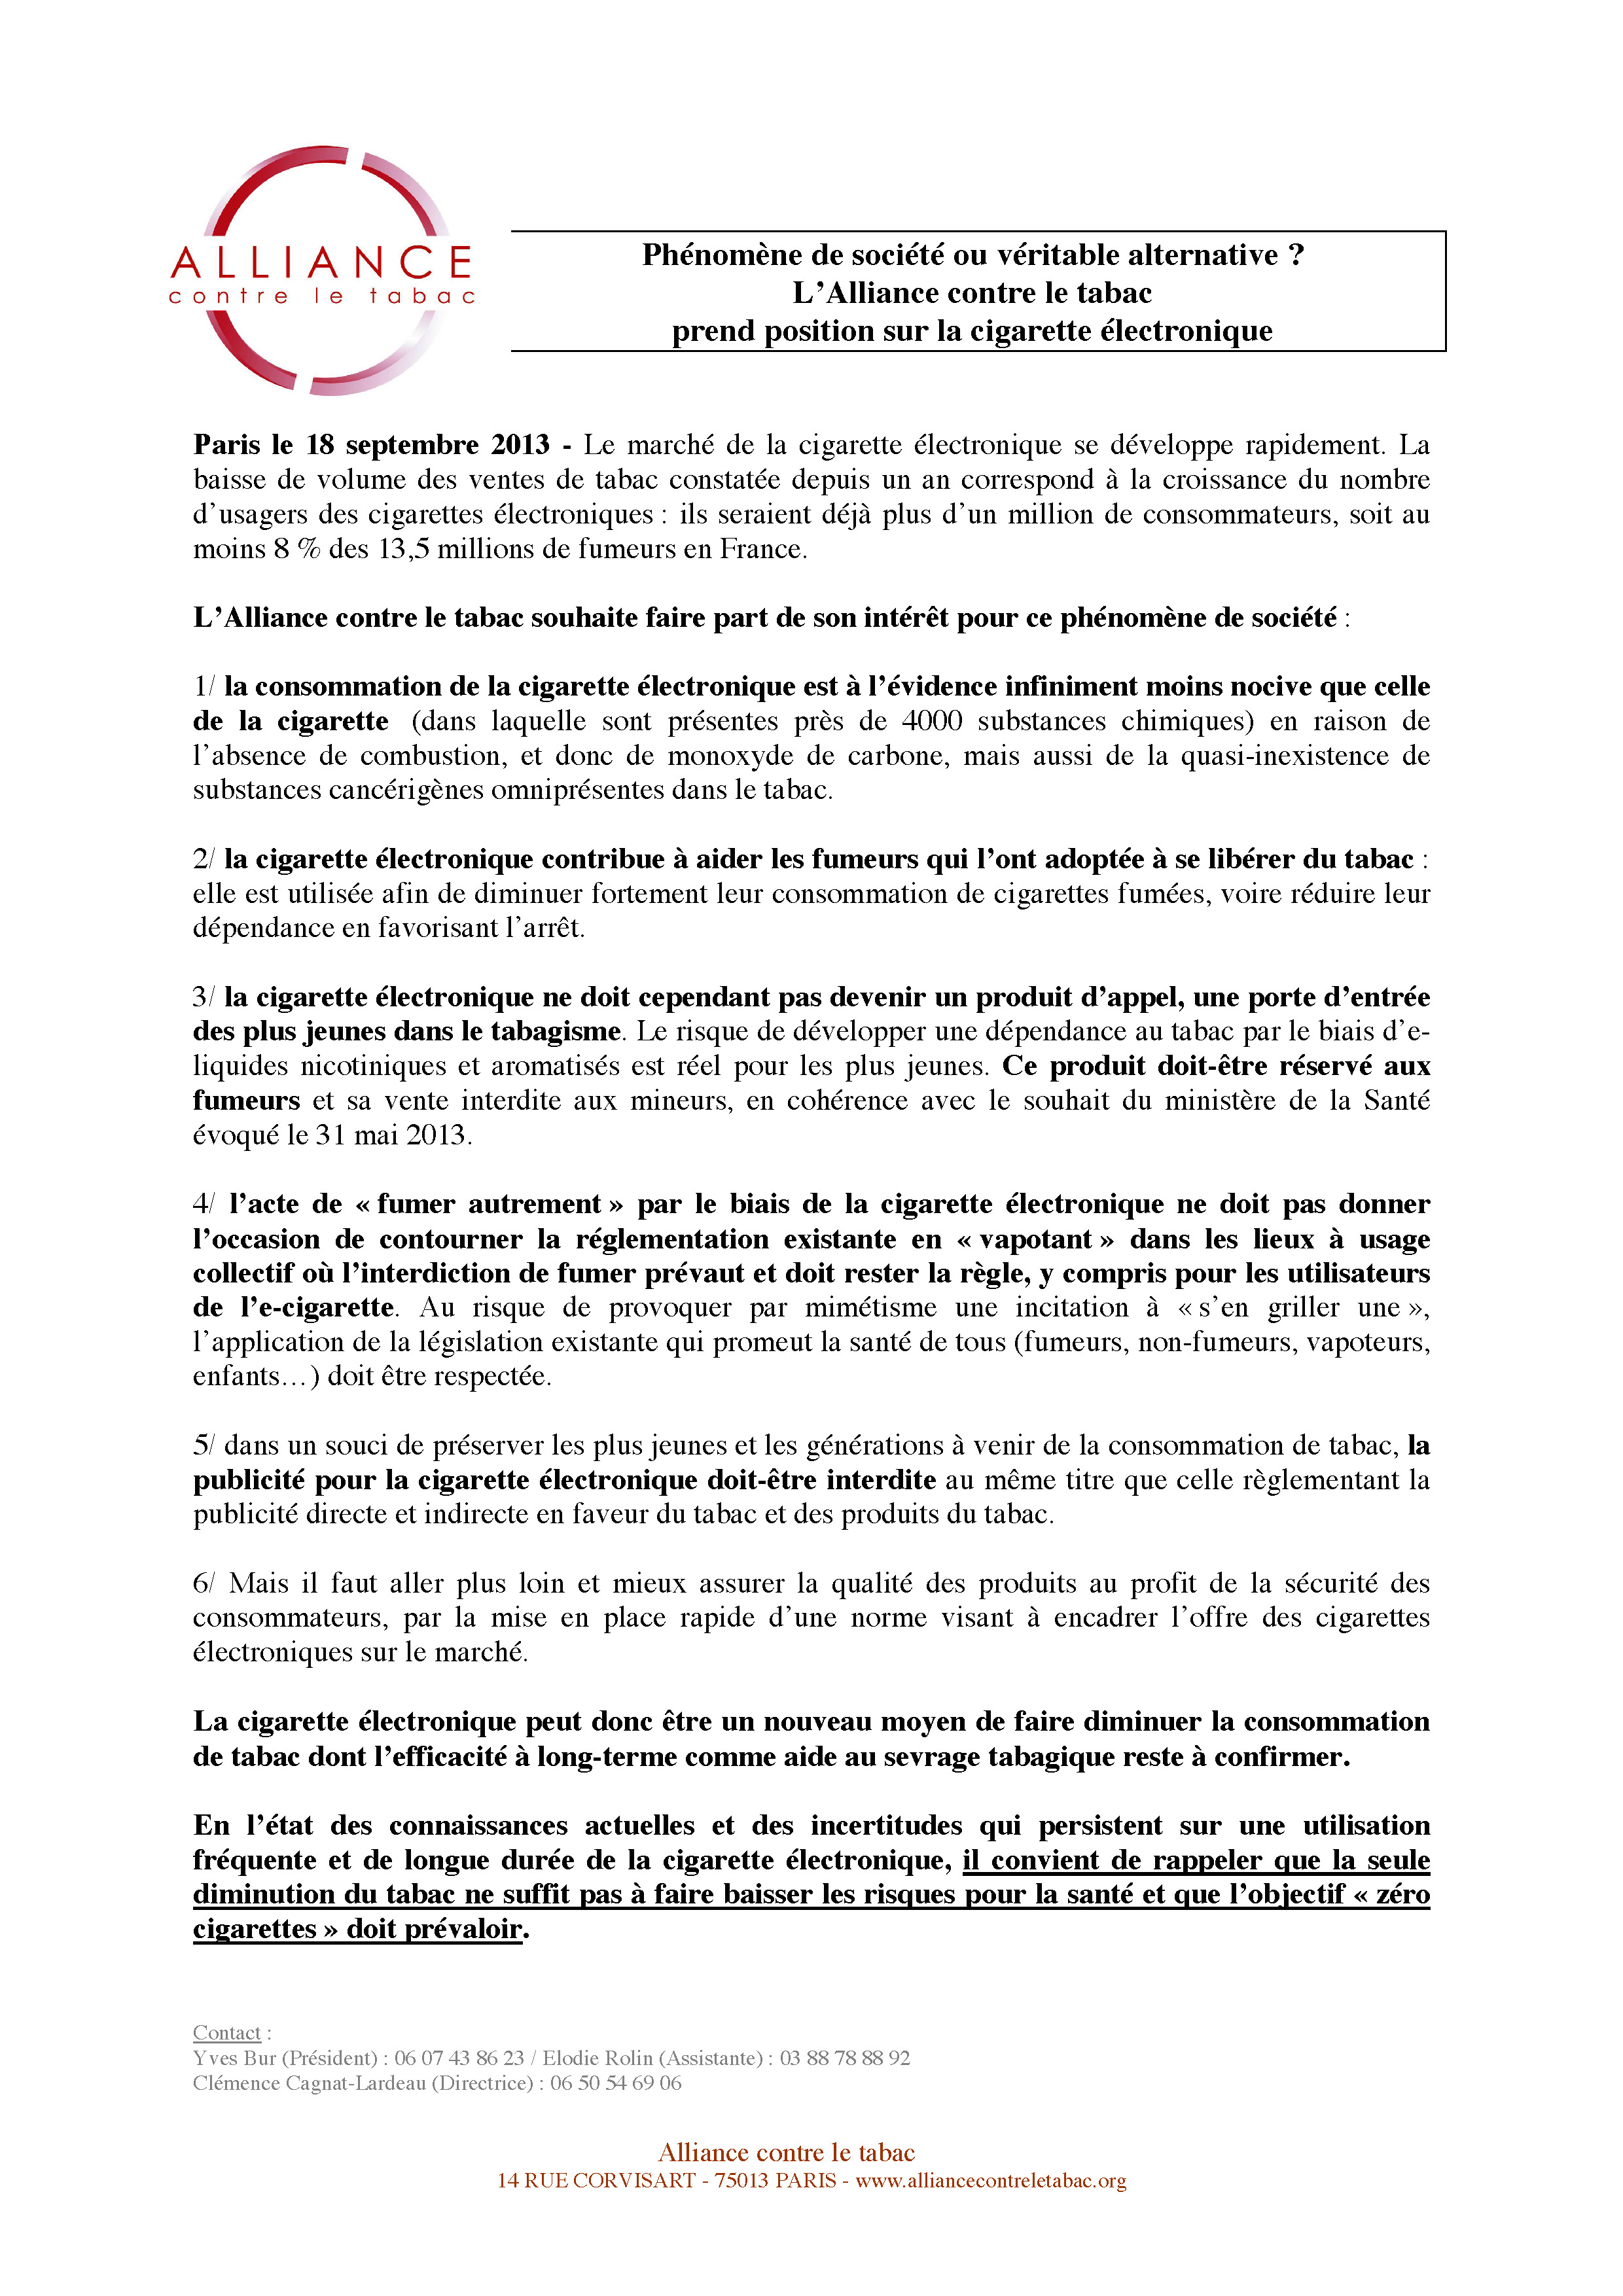 Alliance-CP_l-alliance-contre-le-tabac-prend-position-sur-la-cigarette-electronique-18sept2013_Page_1.jpg